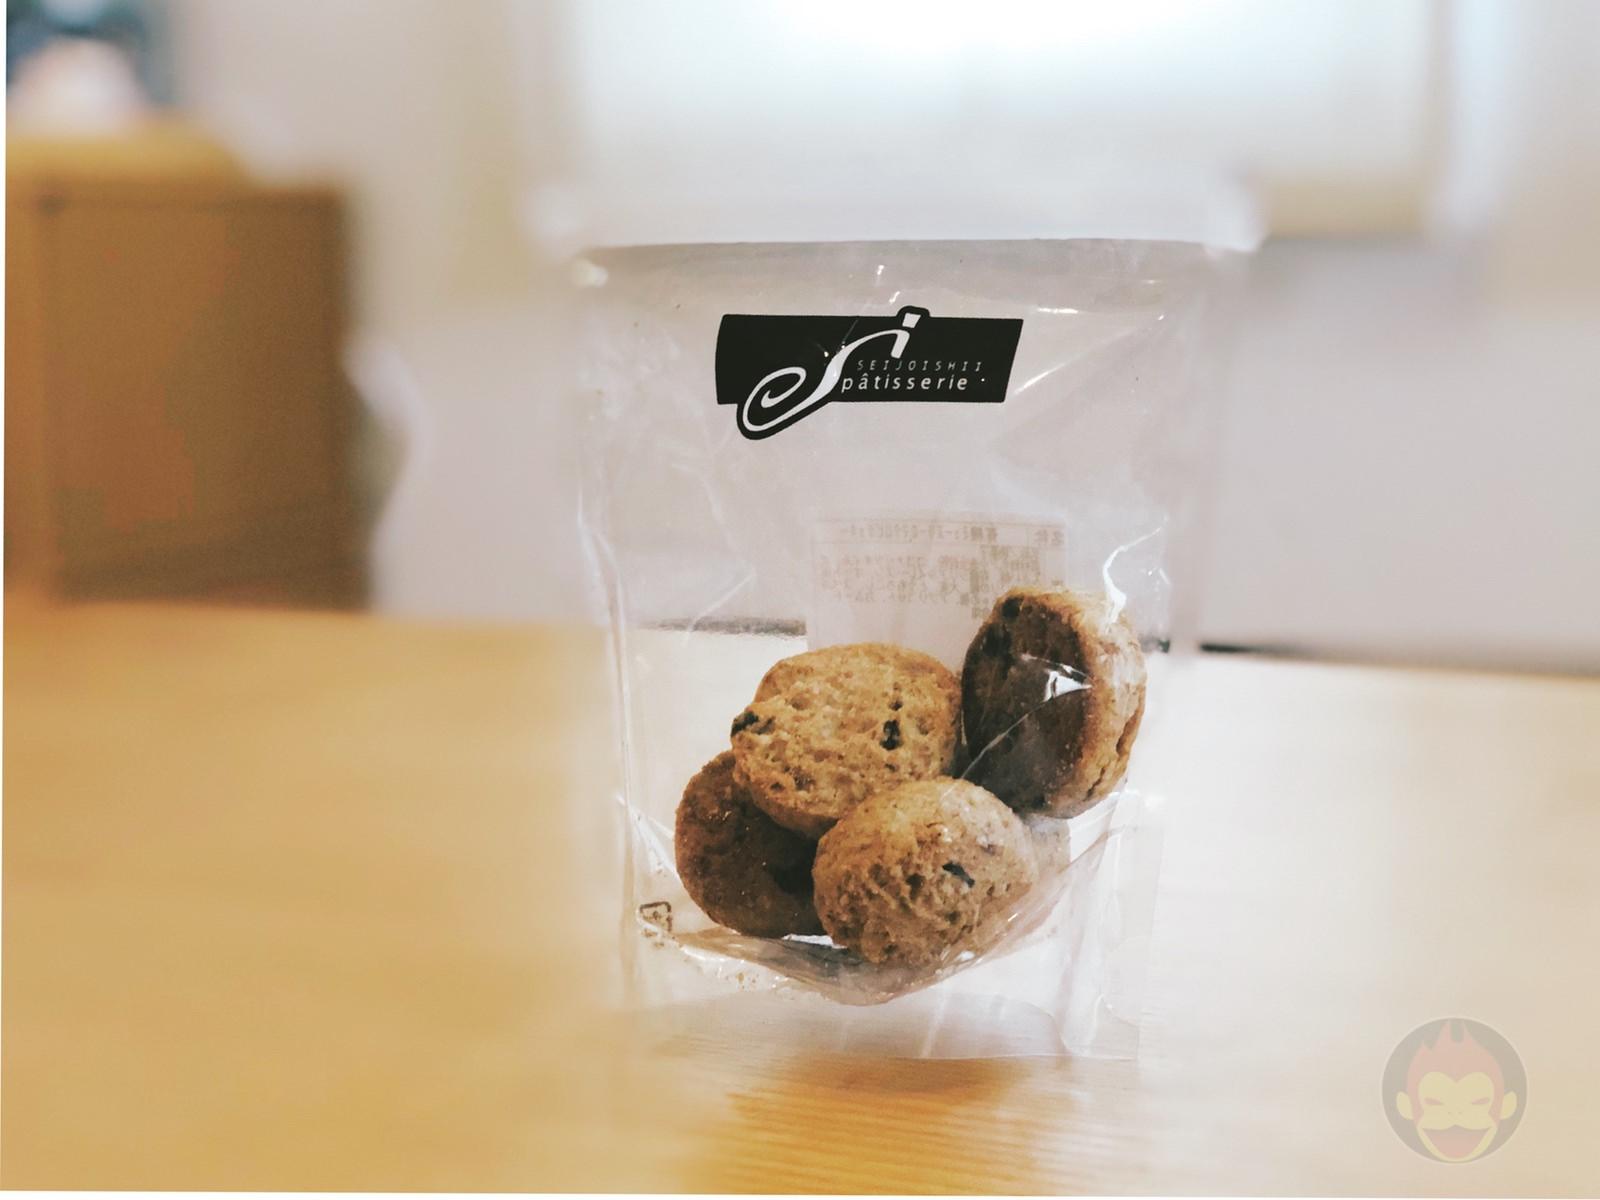 Seijo-ishii-Muesli-Cookies-Ver2-04